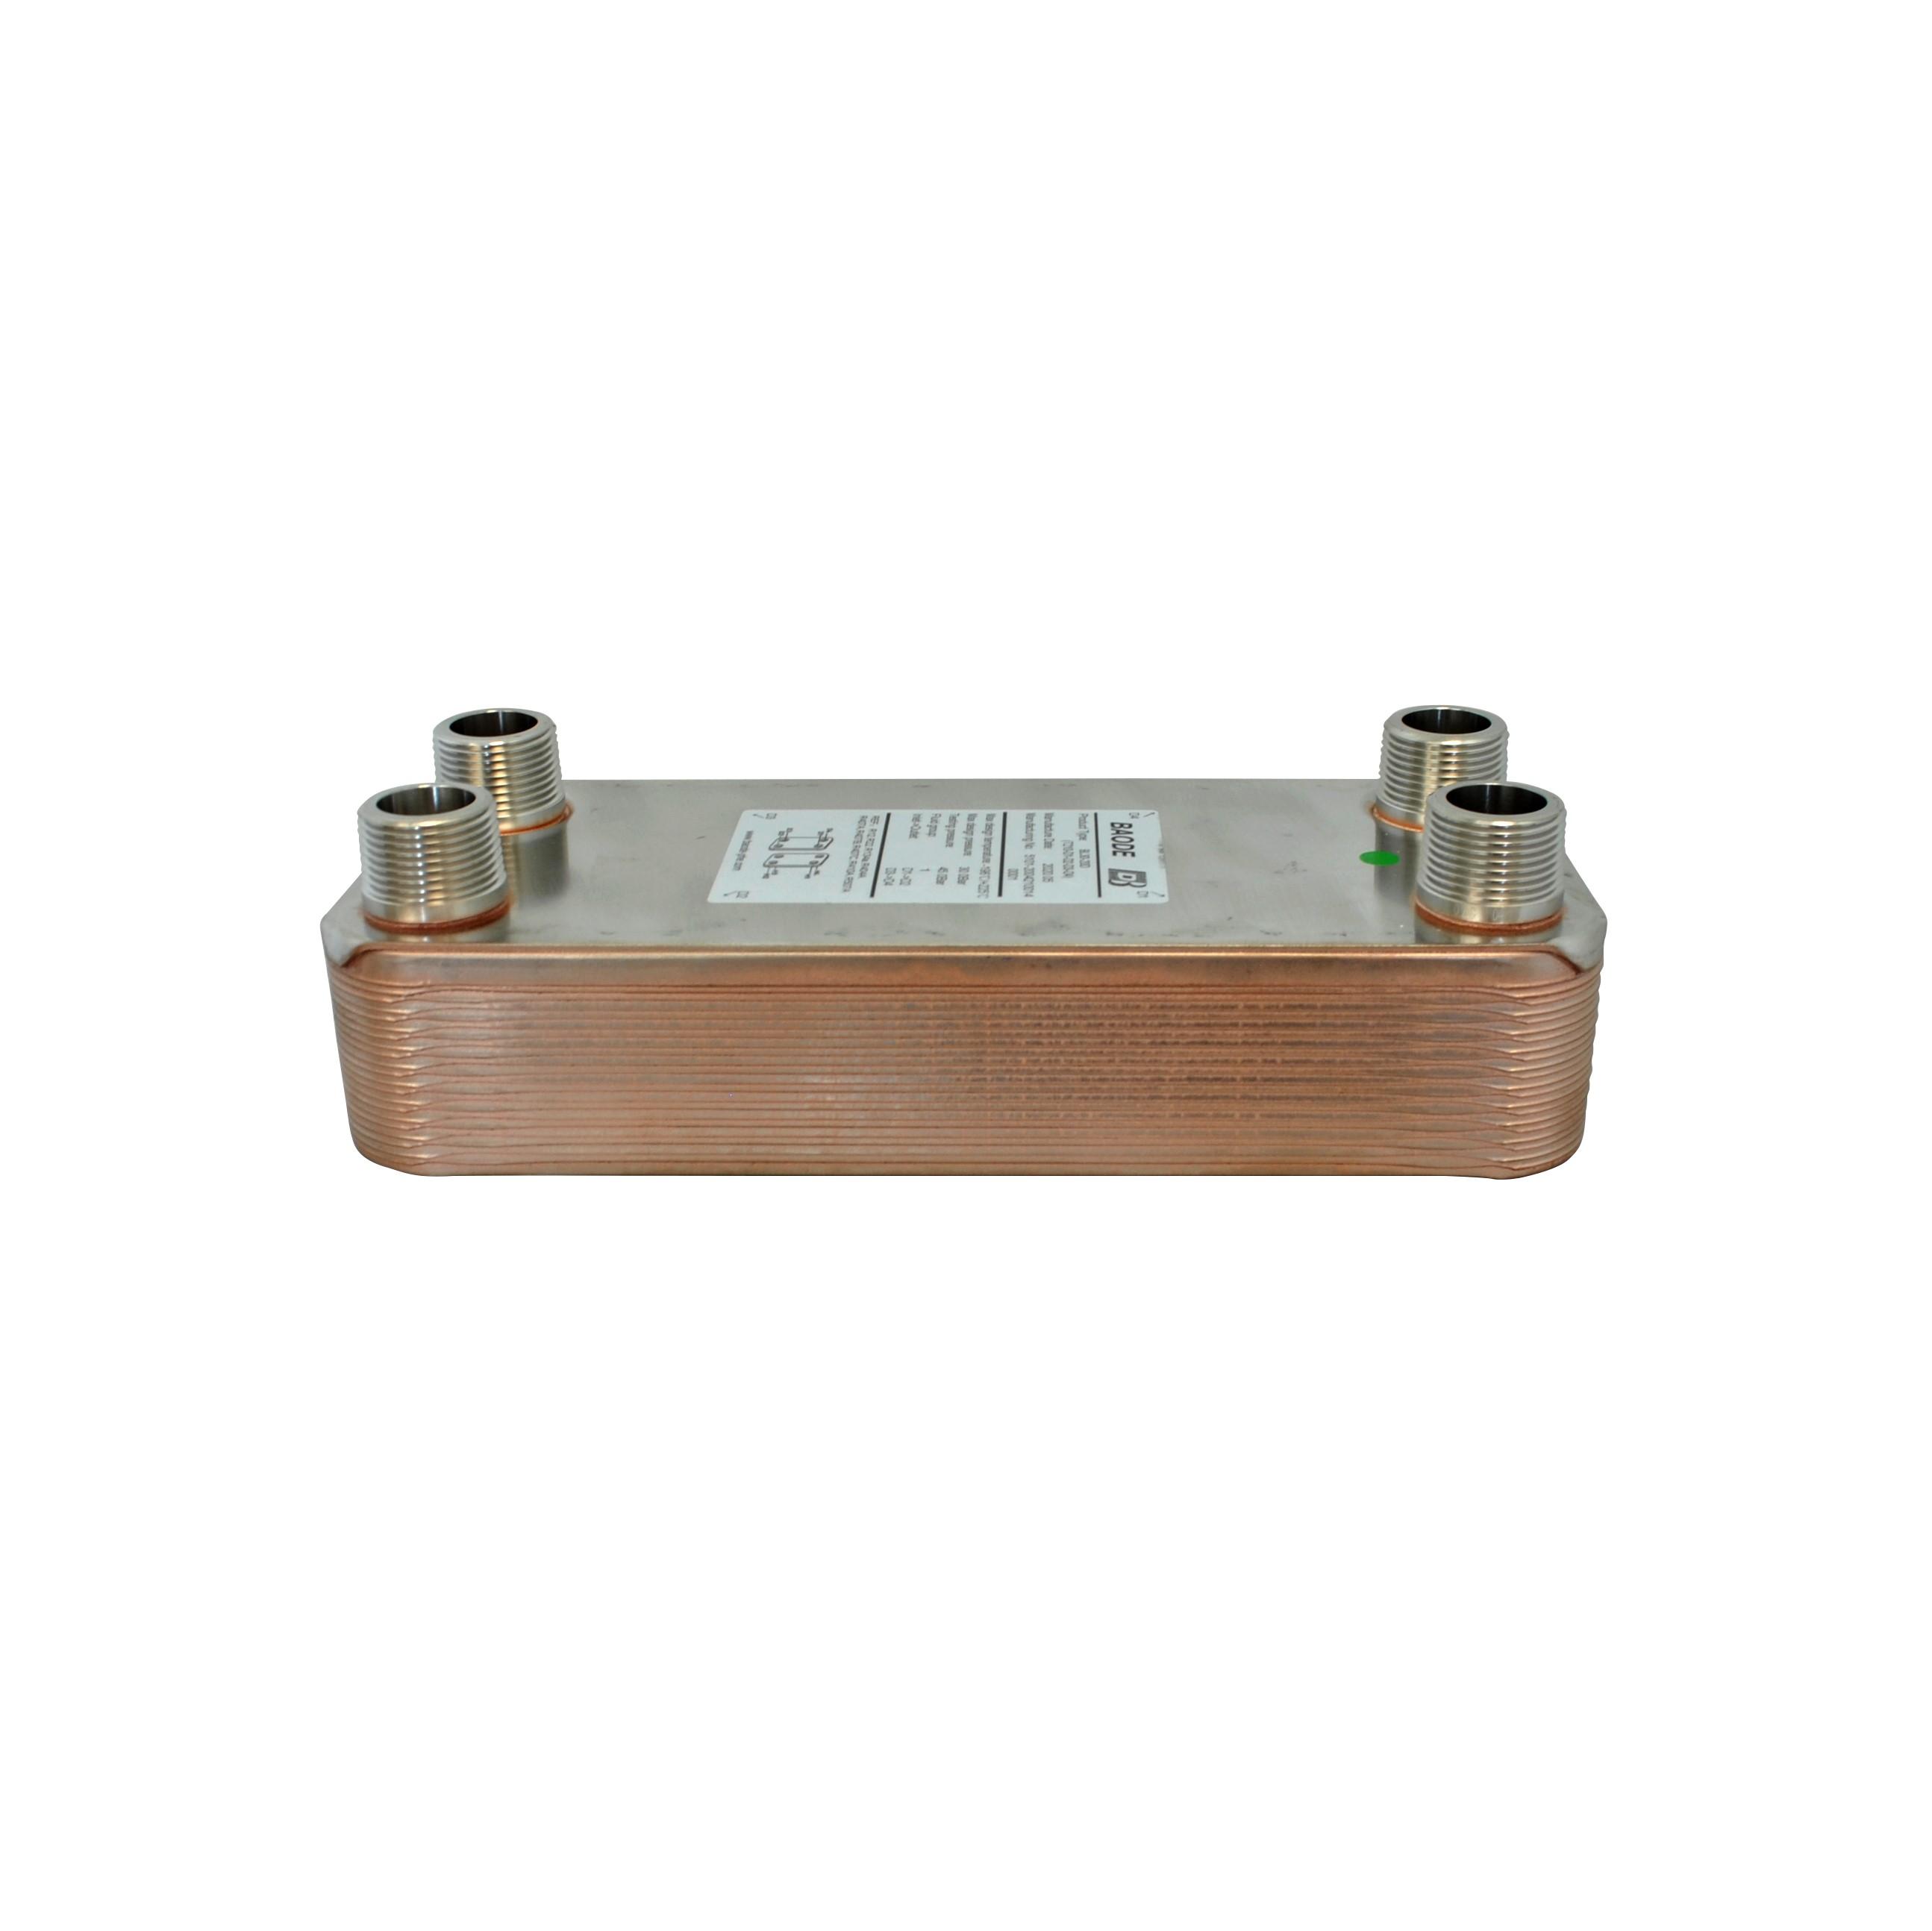 Baode BL26C flat plate heat exchanger 20 plate